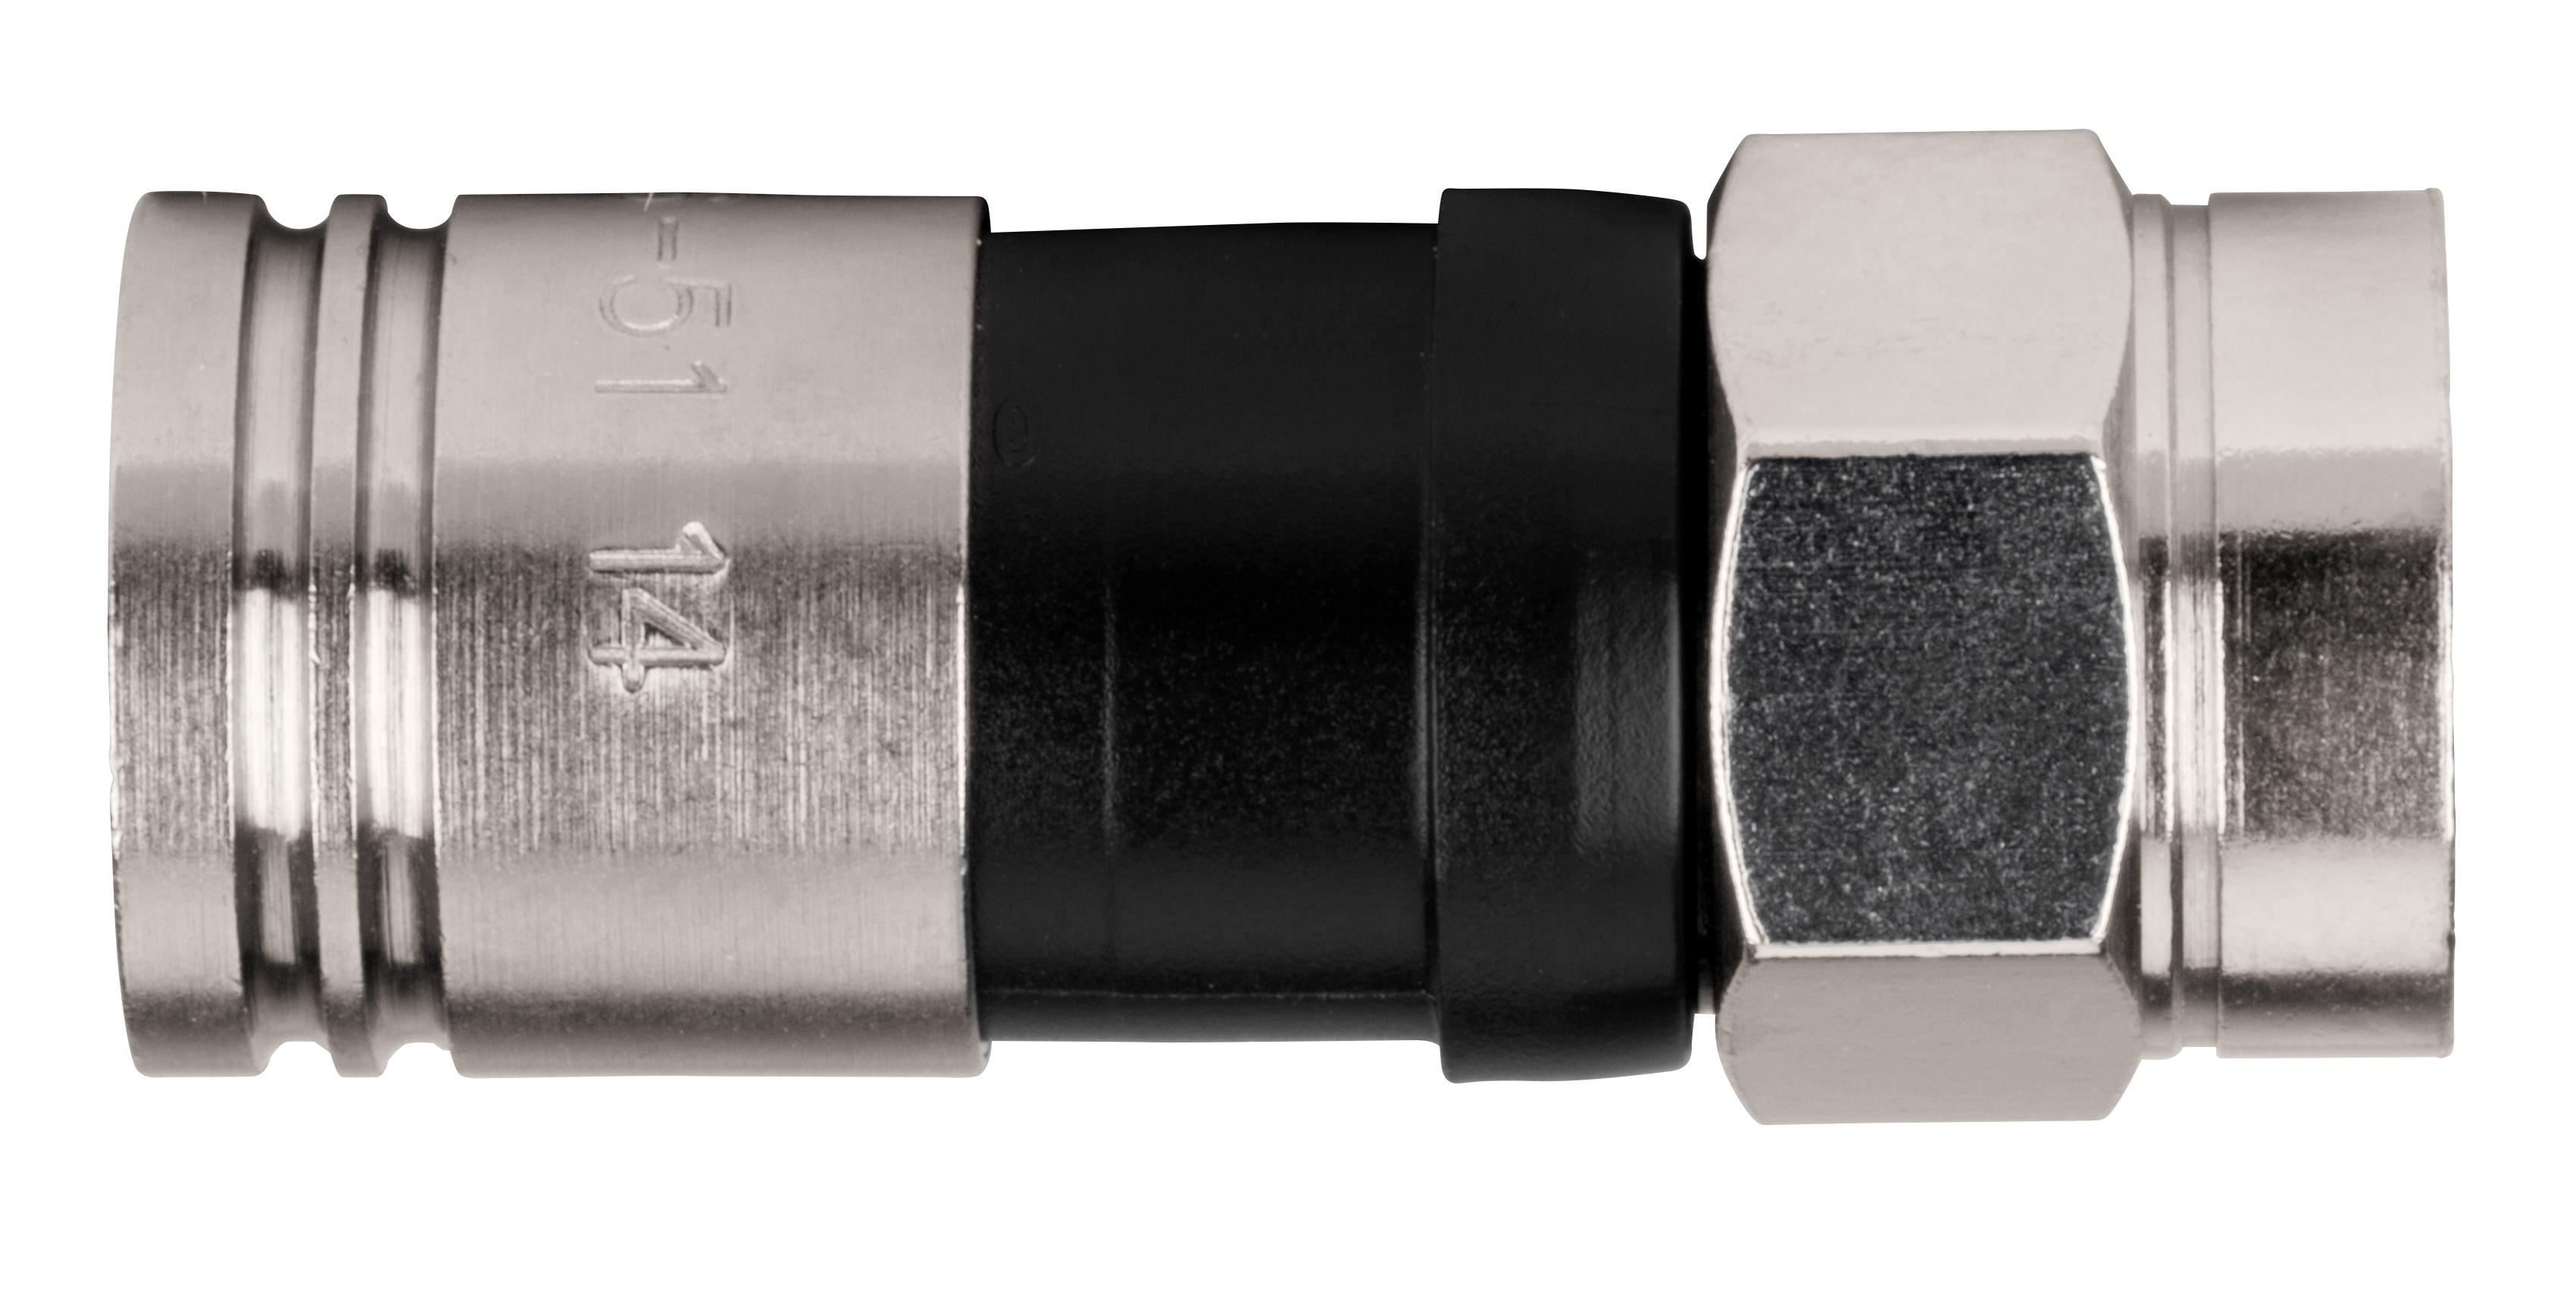 1 Stk SAT Koax F-Stecker Kompression für DIGI-SAT 3010 XC16005183